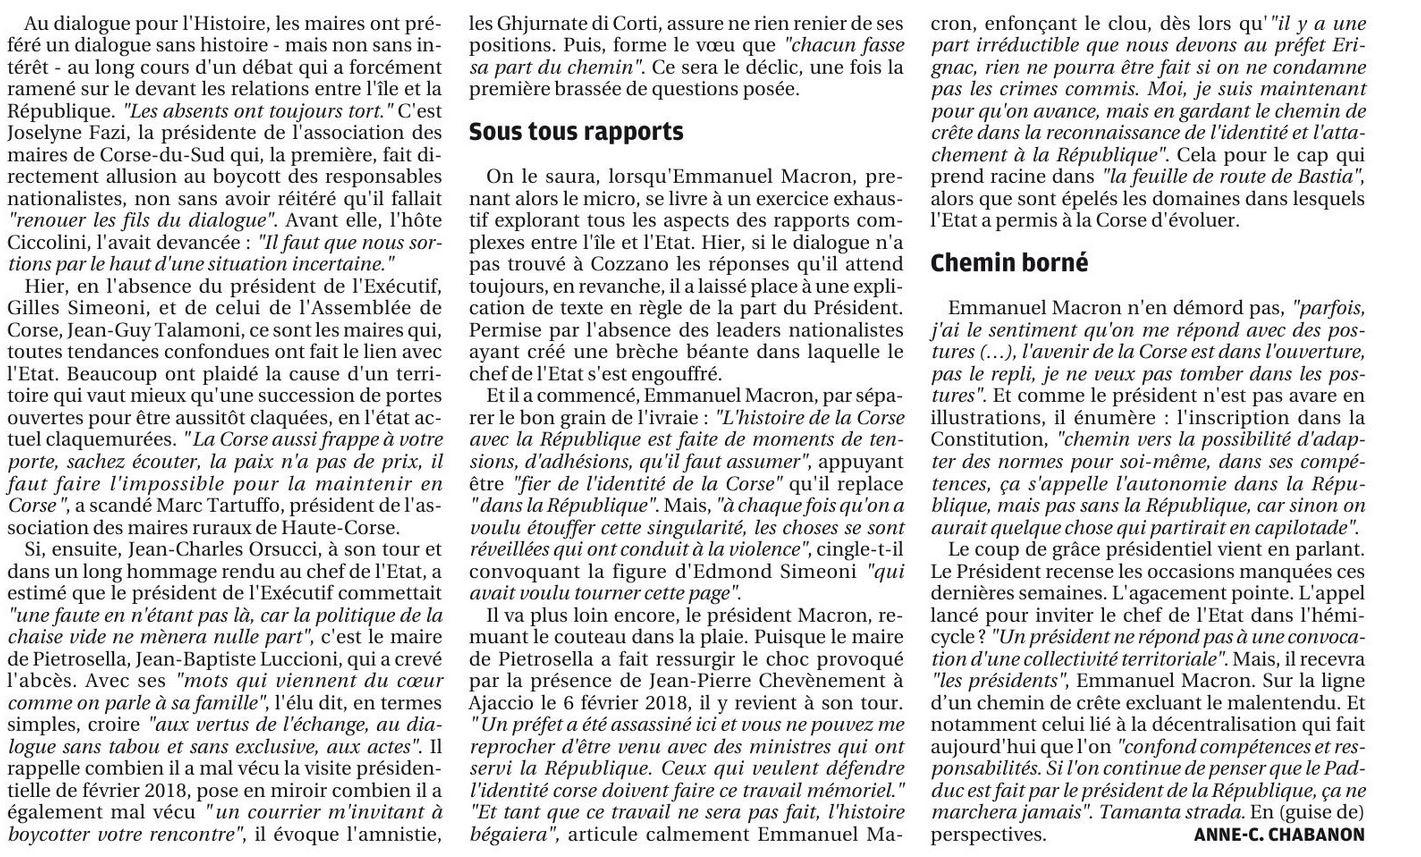 Retour sur le Grand Débat de Cuzzà et l'intervention de Mr le Maire, Jean-Baptiste Luccioni dans Corse-Matin.